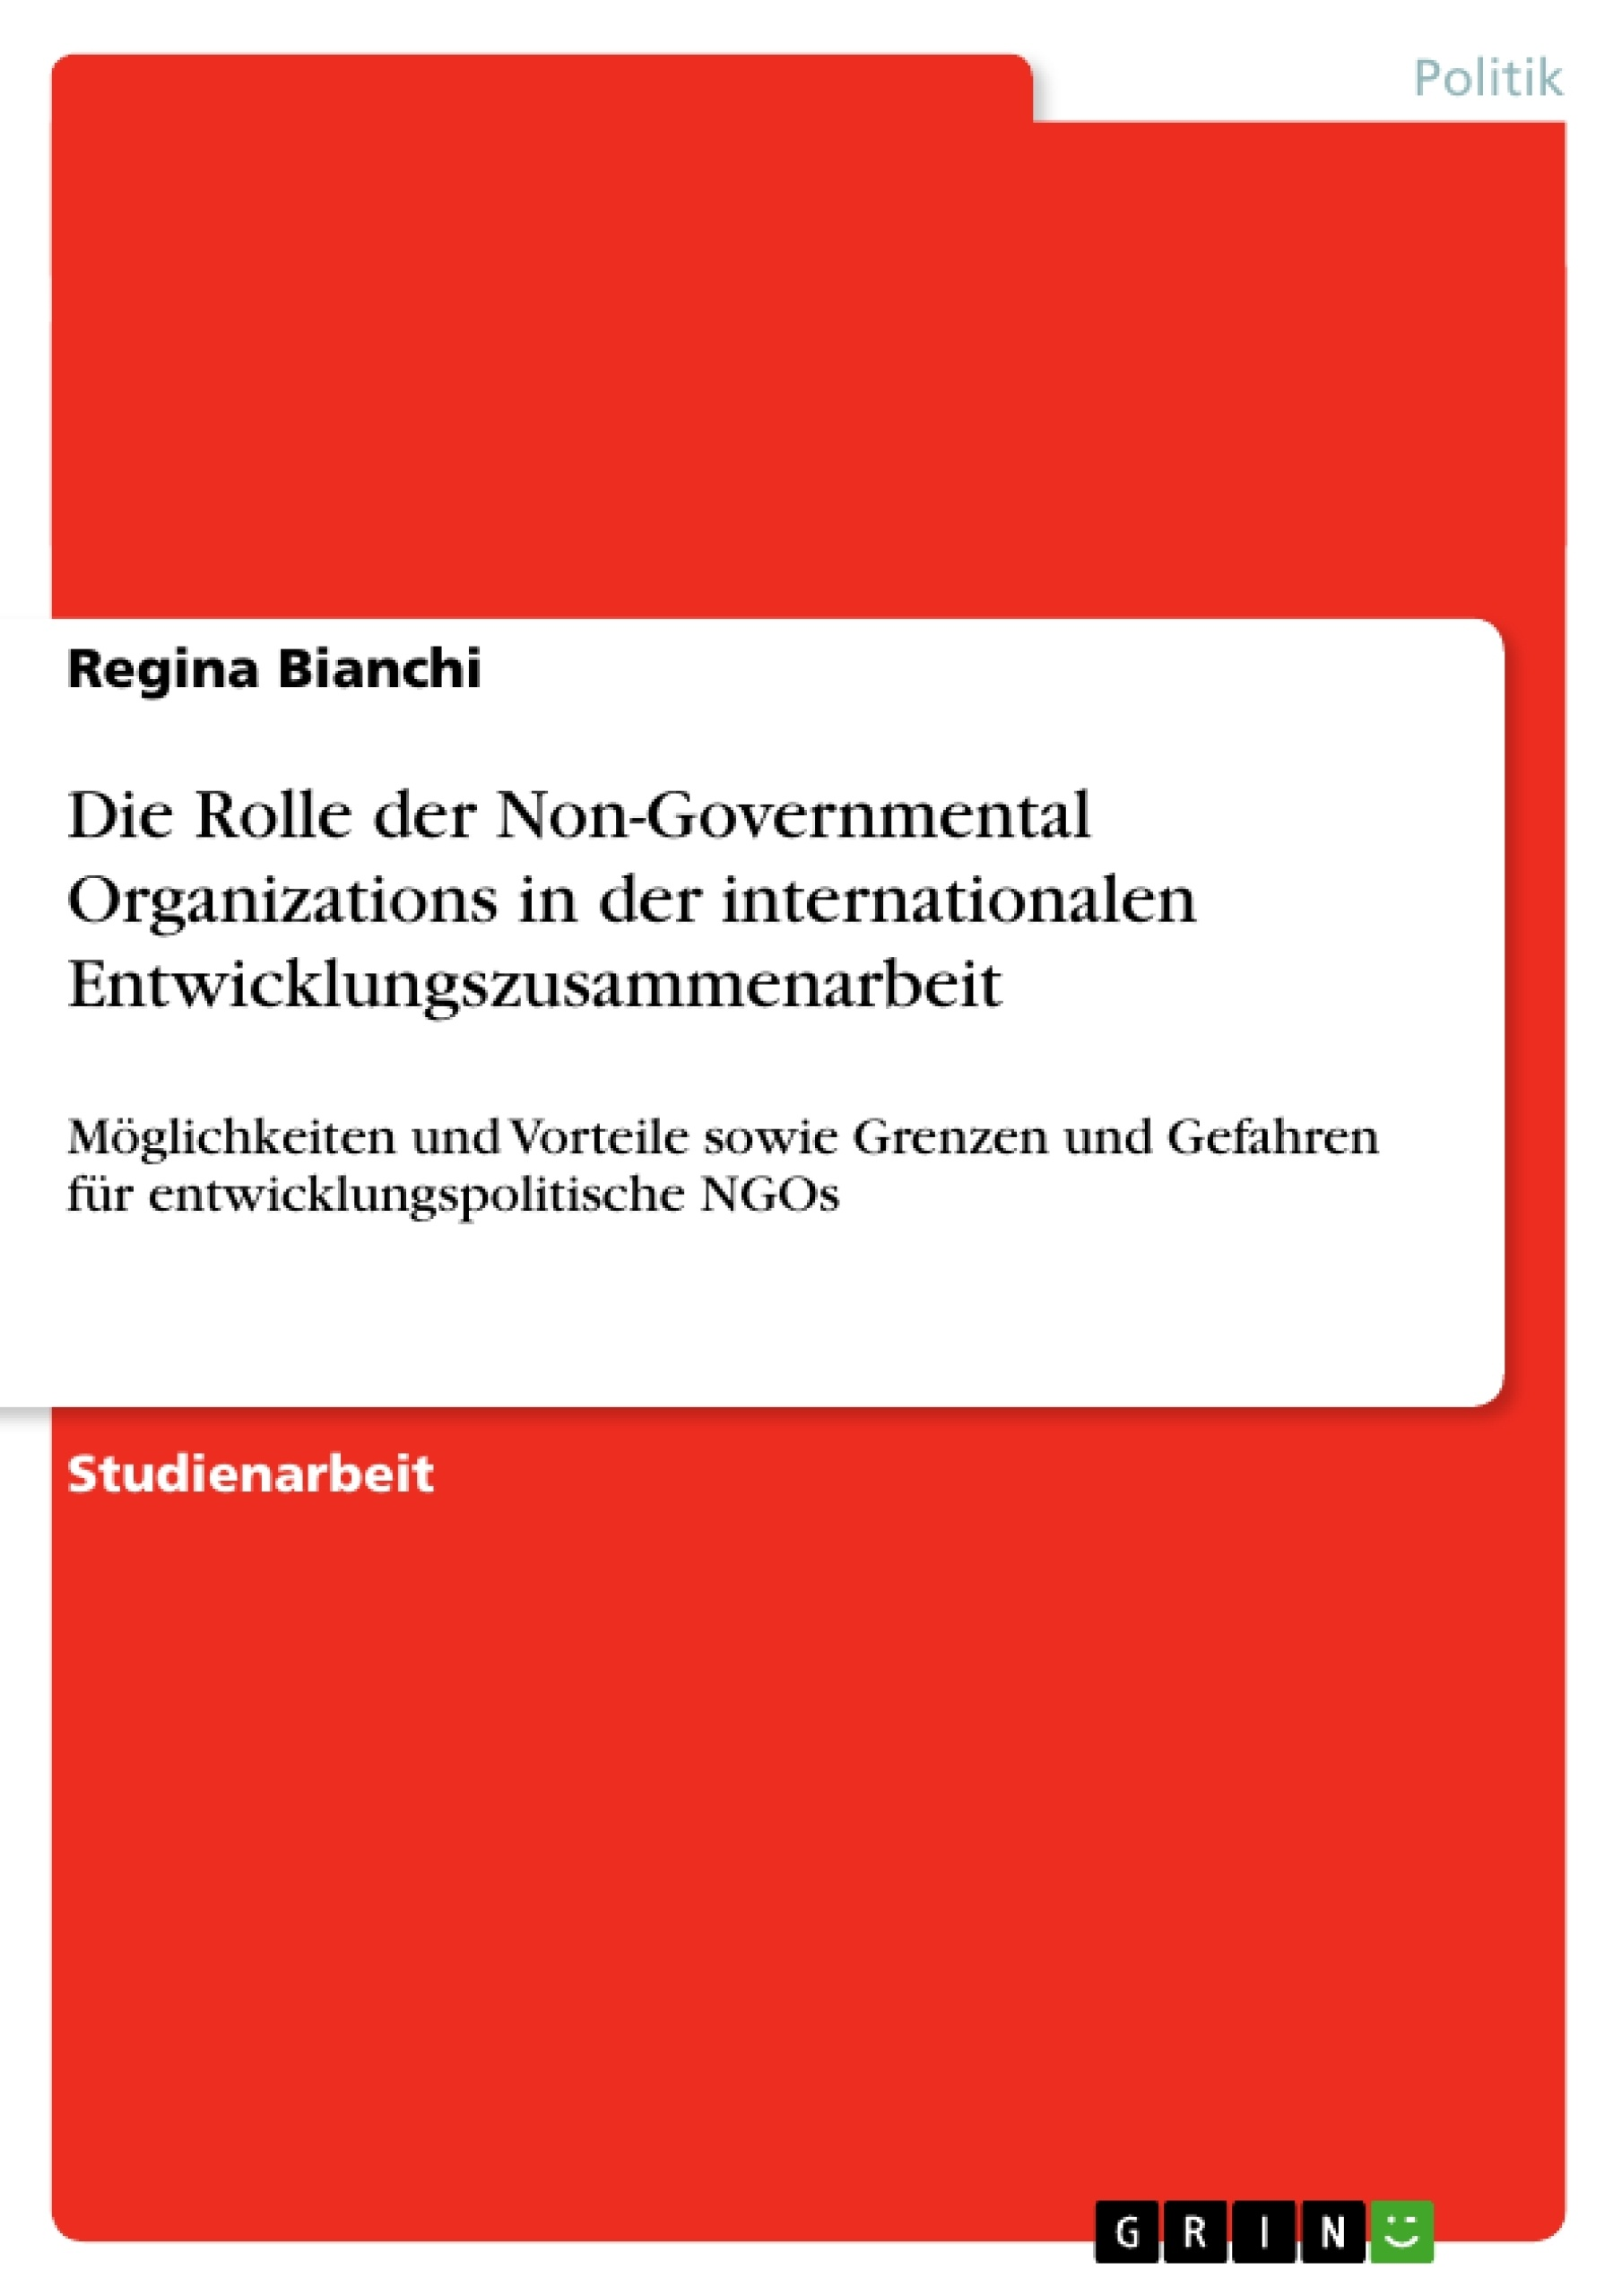 Titel: Die Rolle der Non-Governmental Organizations in der internationalen Entwicklungszusammenarbeit